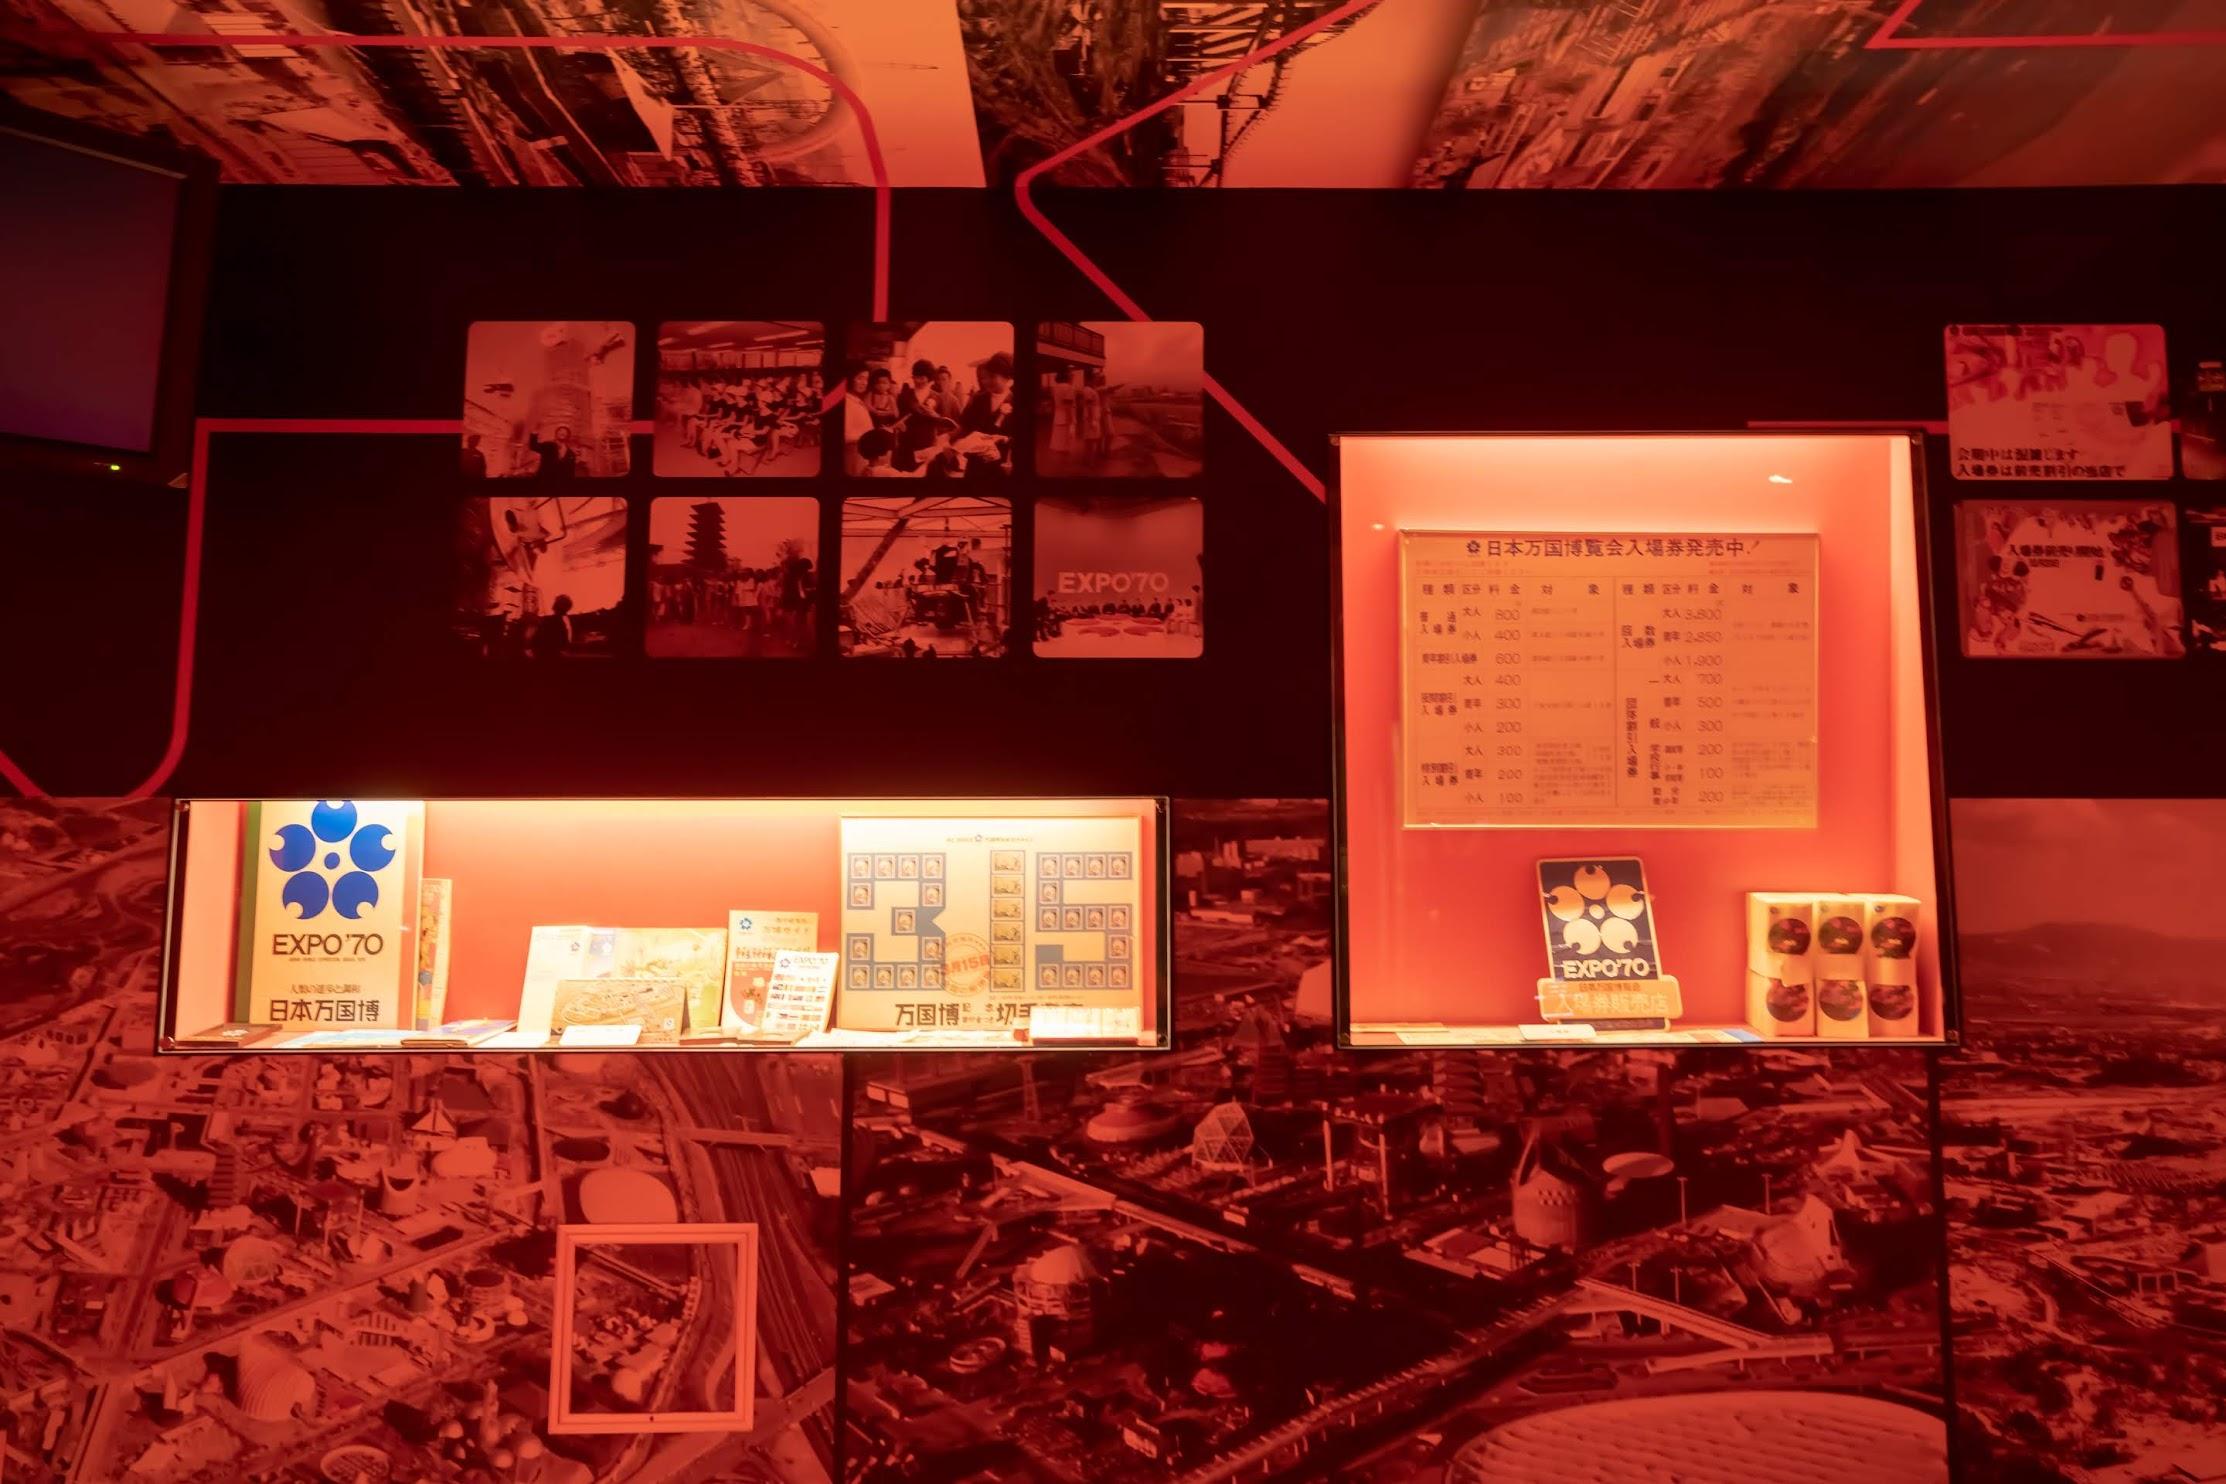 Expo'70 Pavilion5